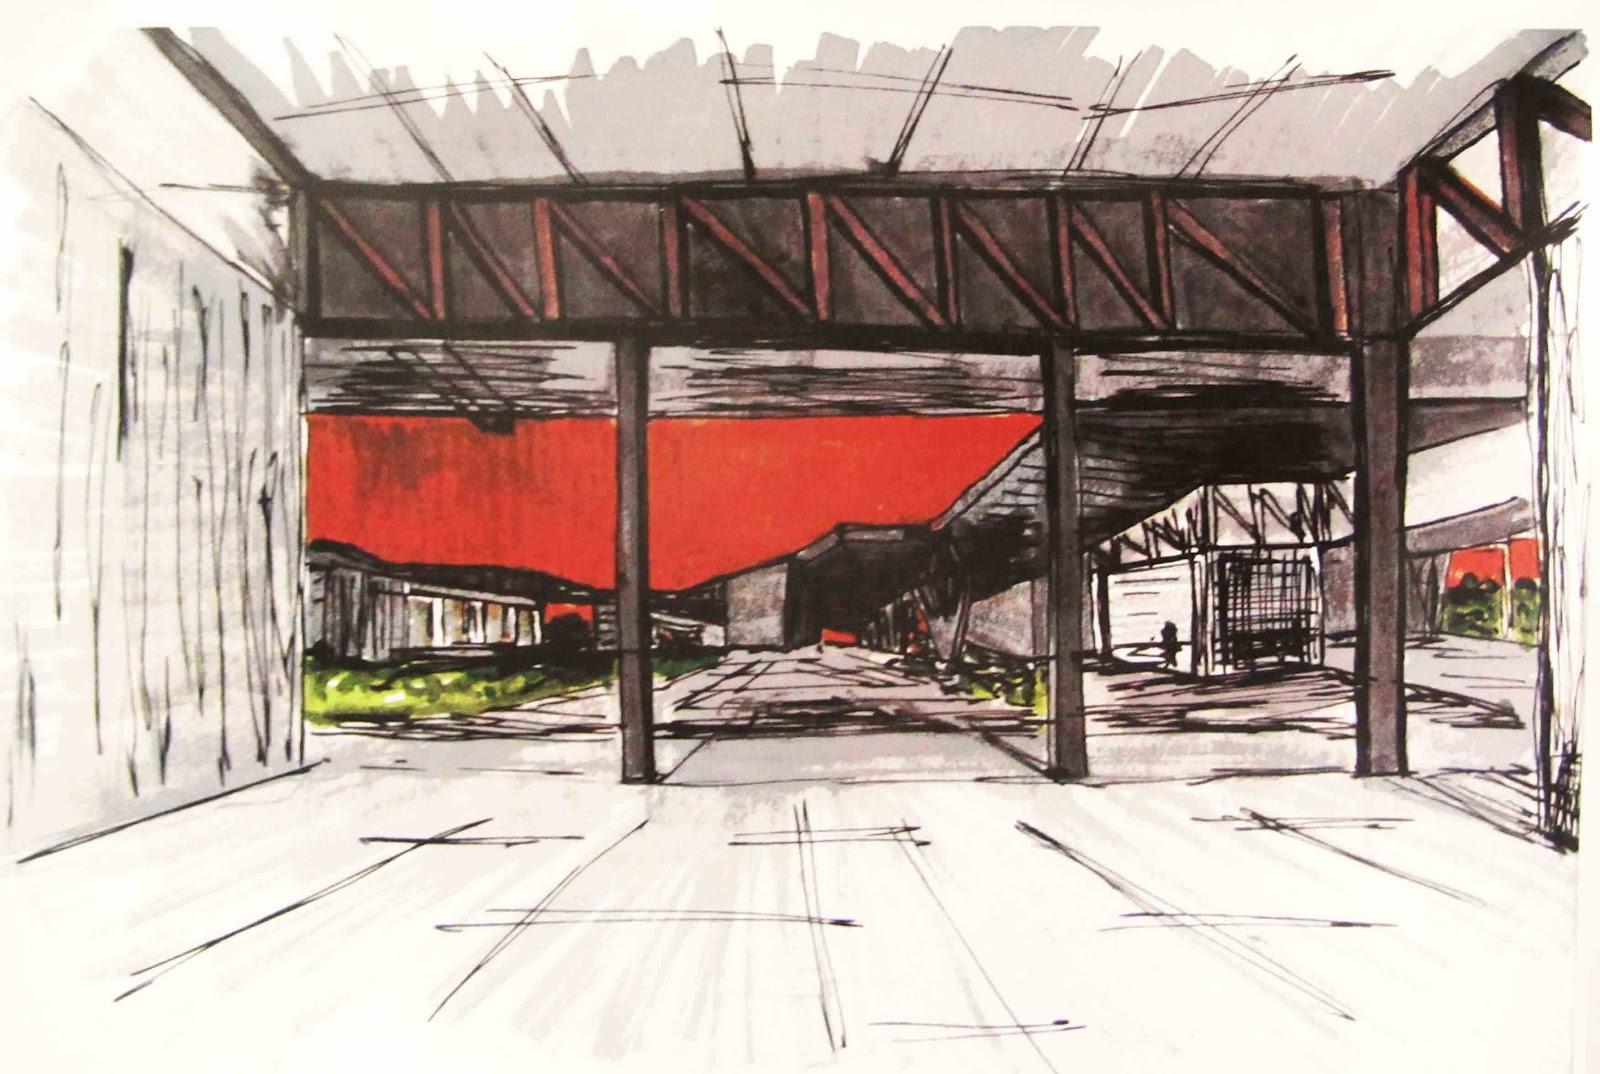 C tedra pedemonte arquitectura 3 a3 diagramaci n for Laminas arquitectura